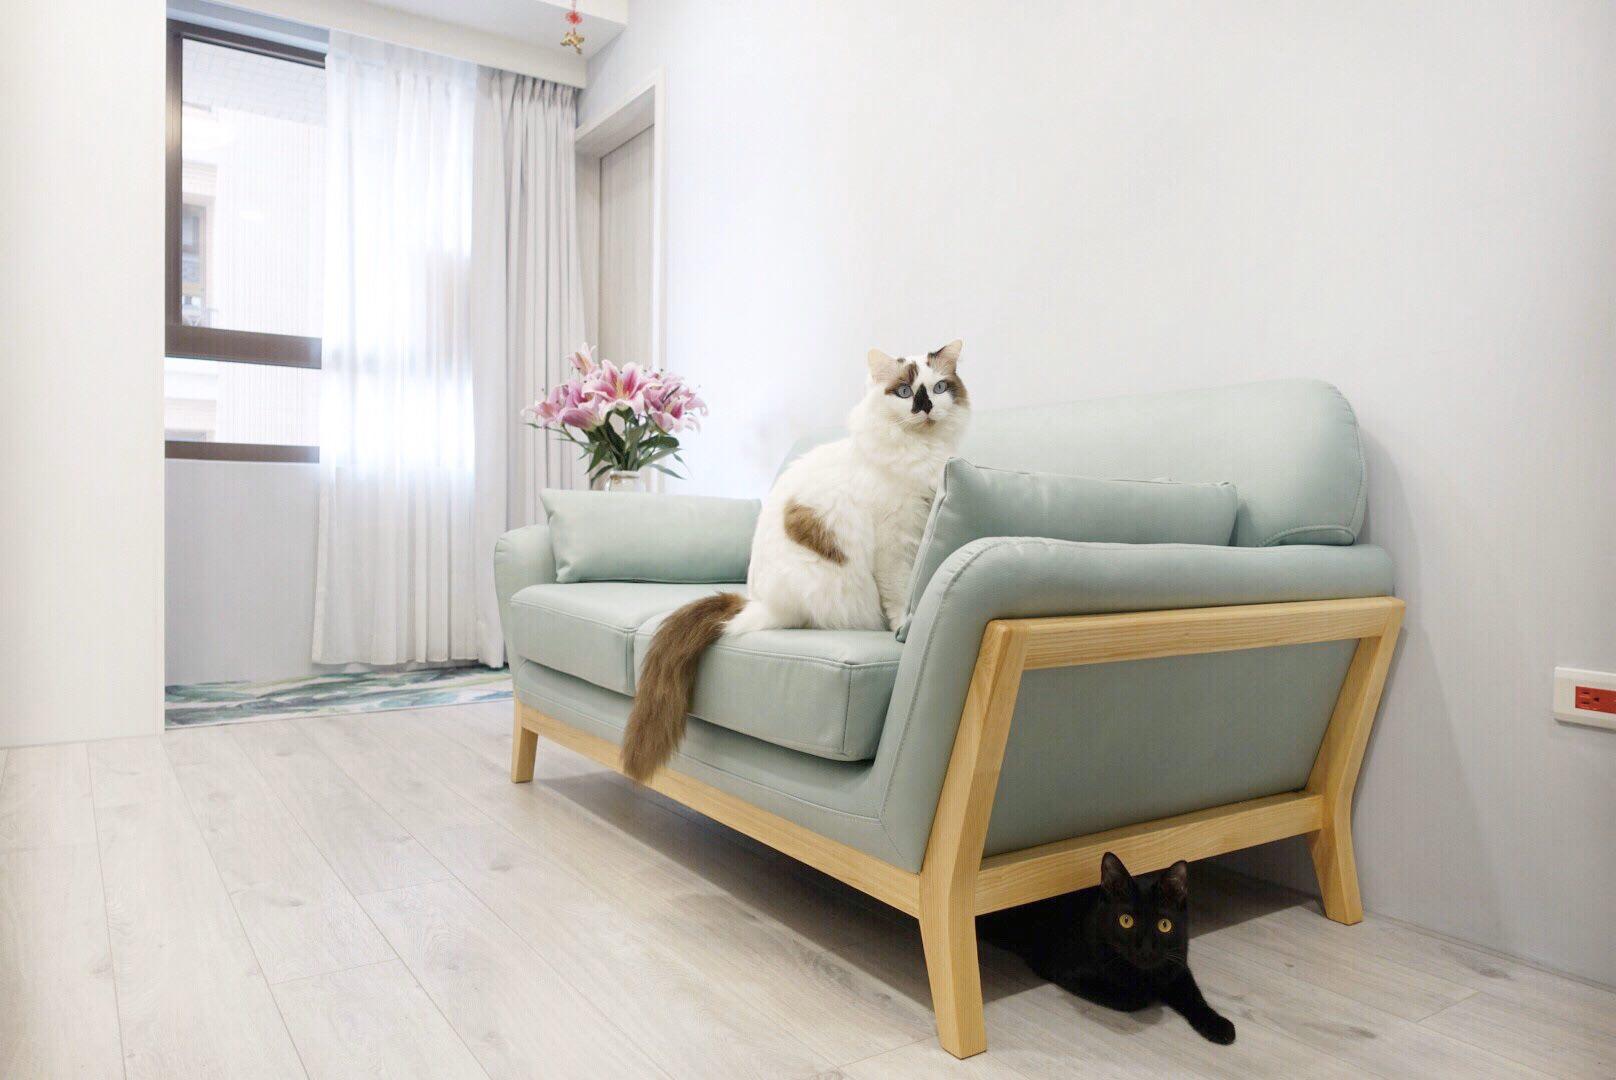 【生活】AJ2 西雅圖|貓抓布沙發開箱體驗